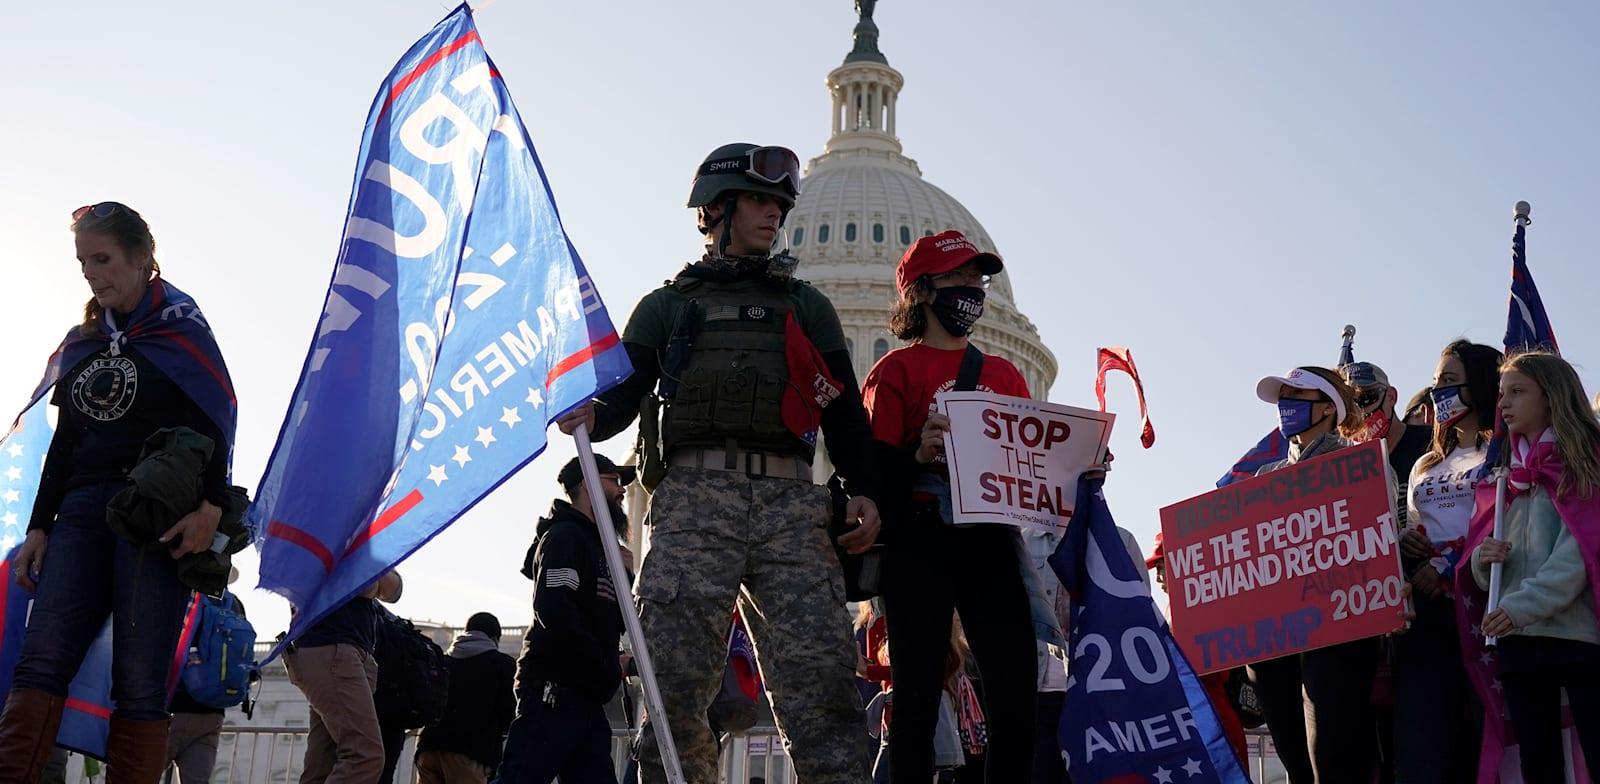 מפגינים בעד טראמפ מוחים על תוצאות הבחירות בוושינגטון / צילום: Associated Press, Jacquelyn Martin